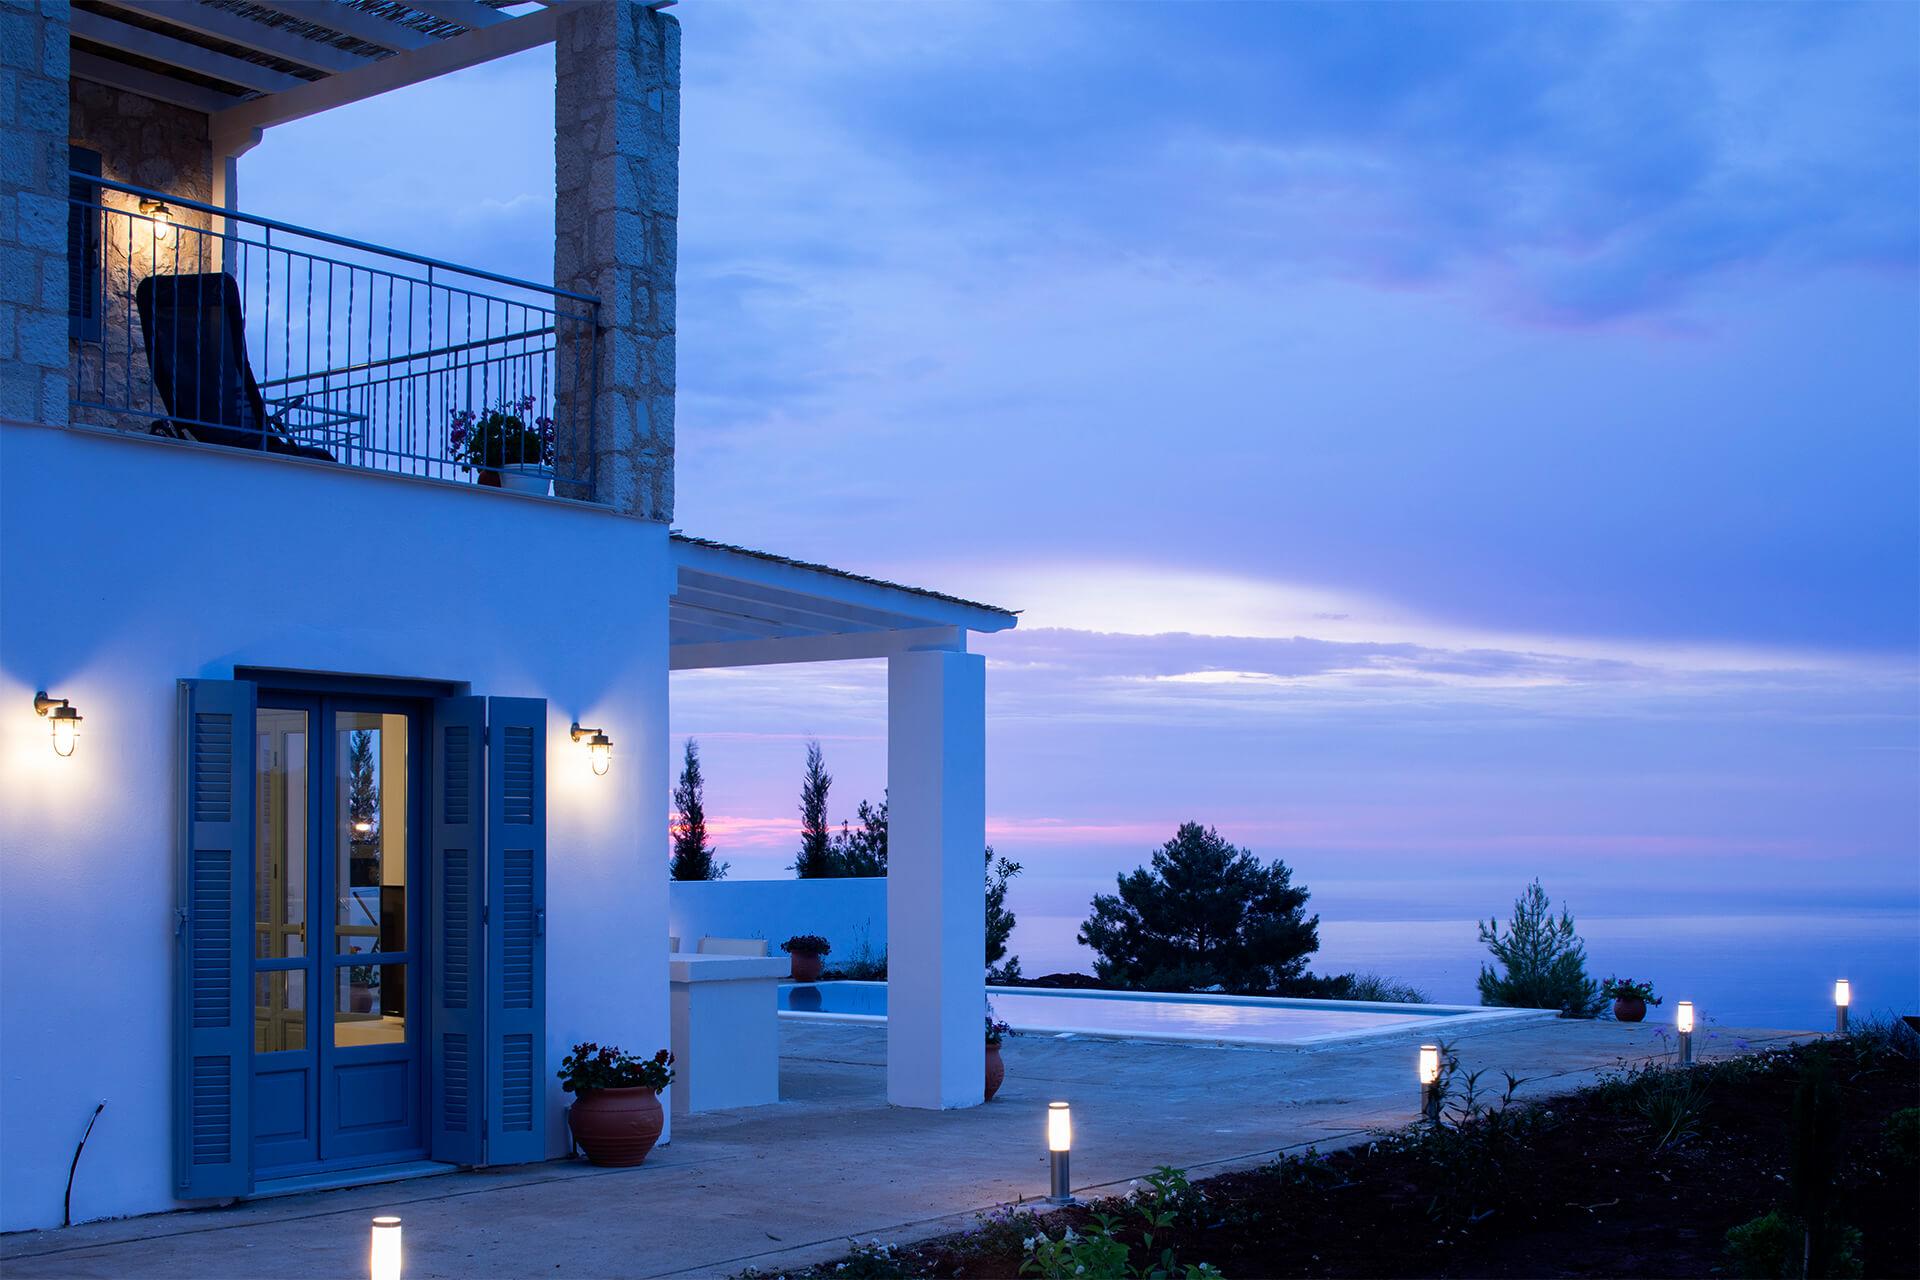 עיצוב בית נופש ביוון סיגל סיוון ידוב